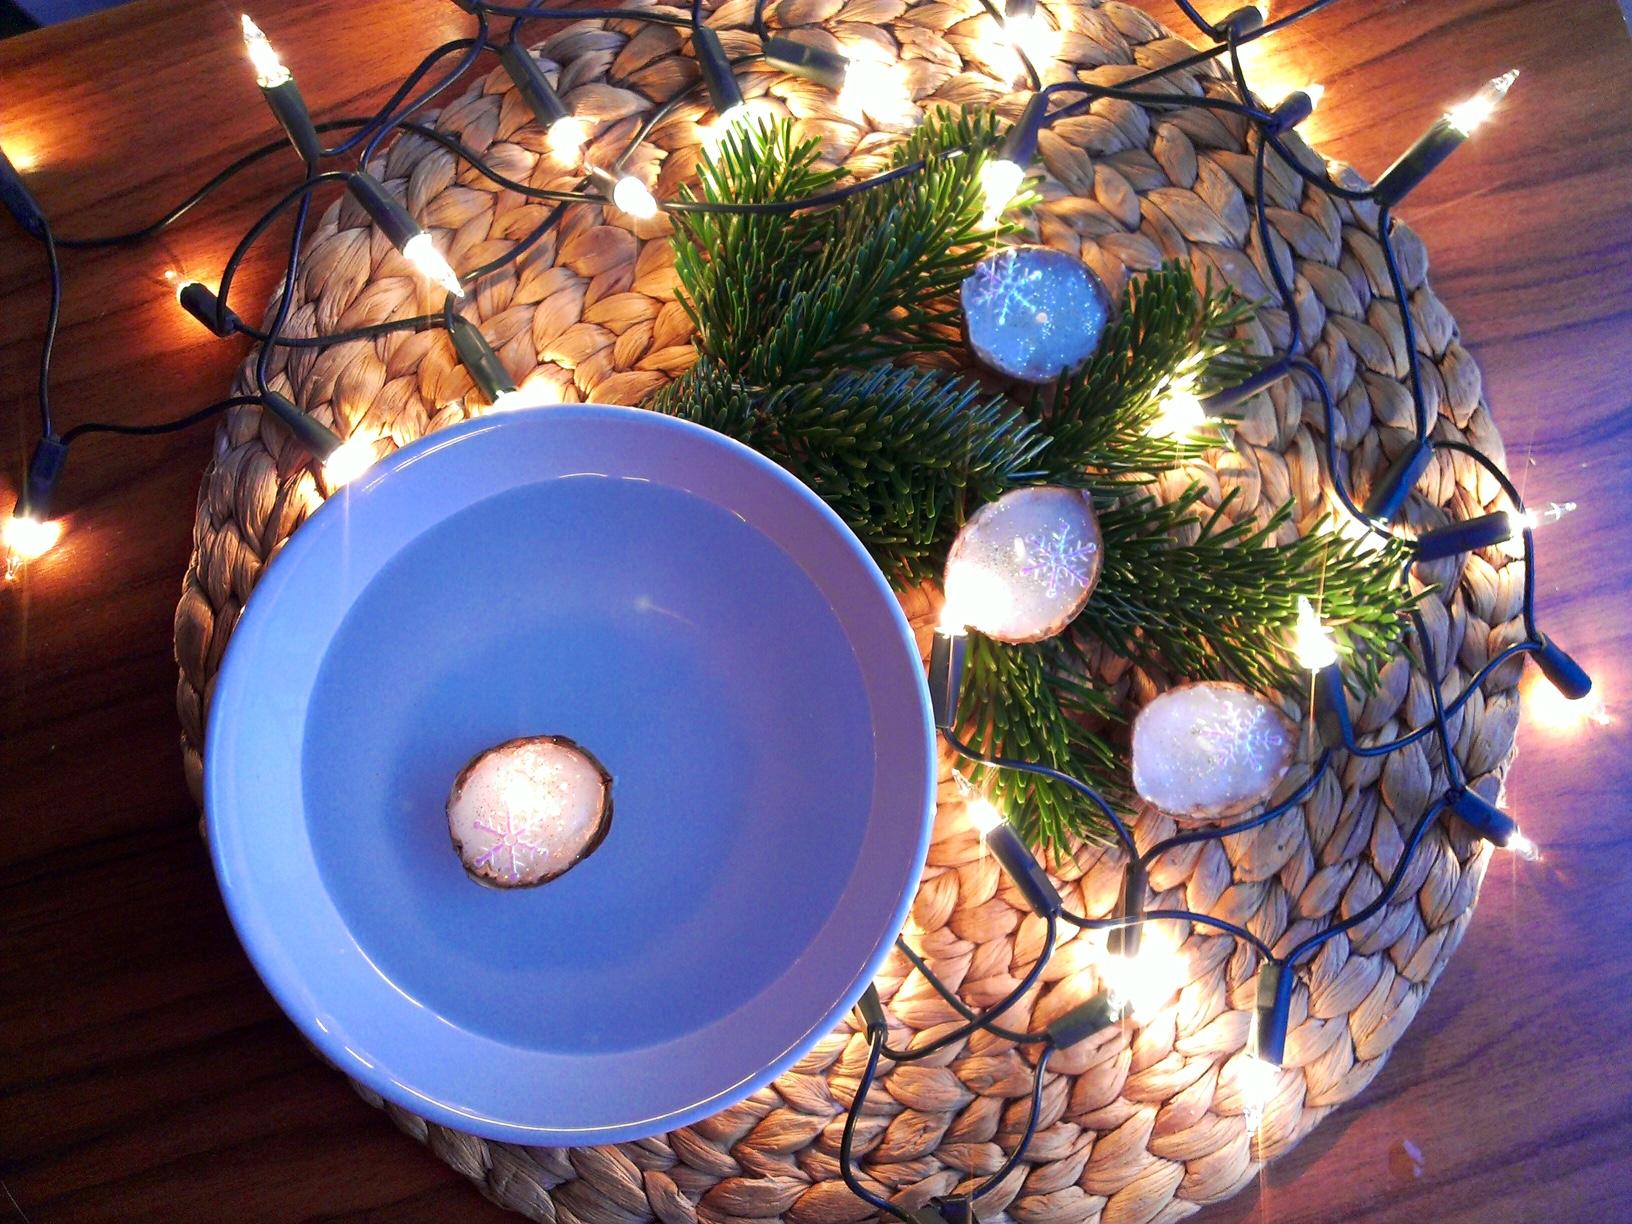 Vánoční lodičky z ořechových skořápek